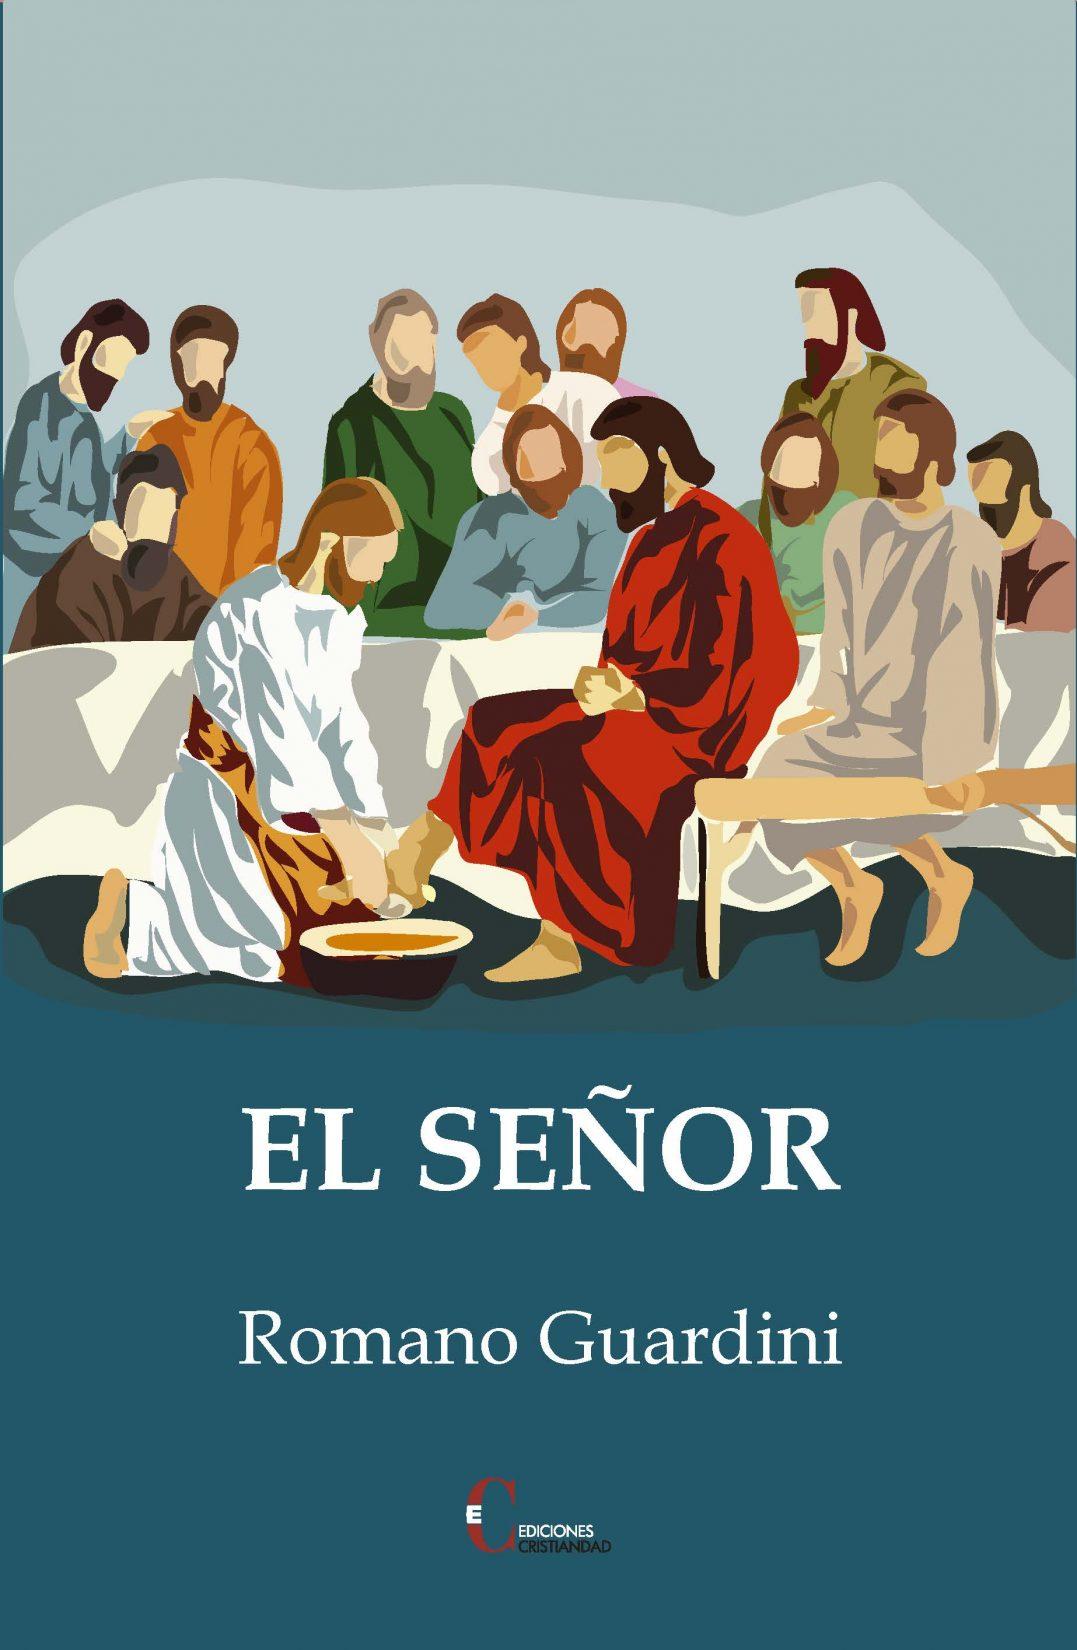 el señor romano guardini